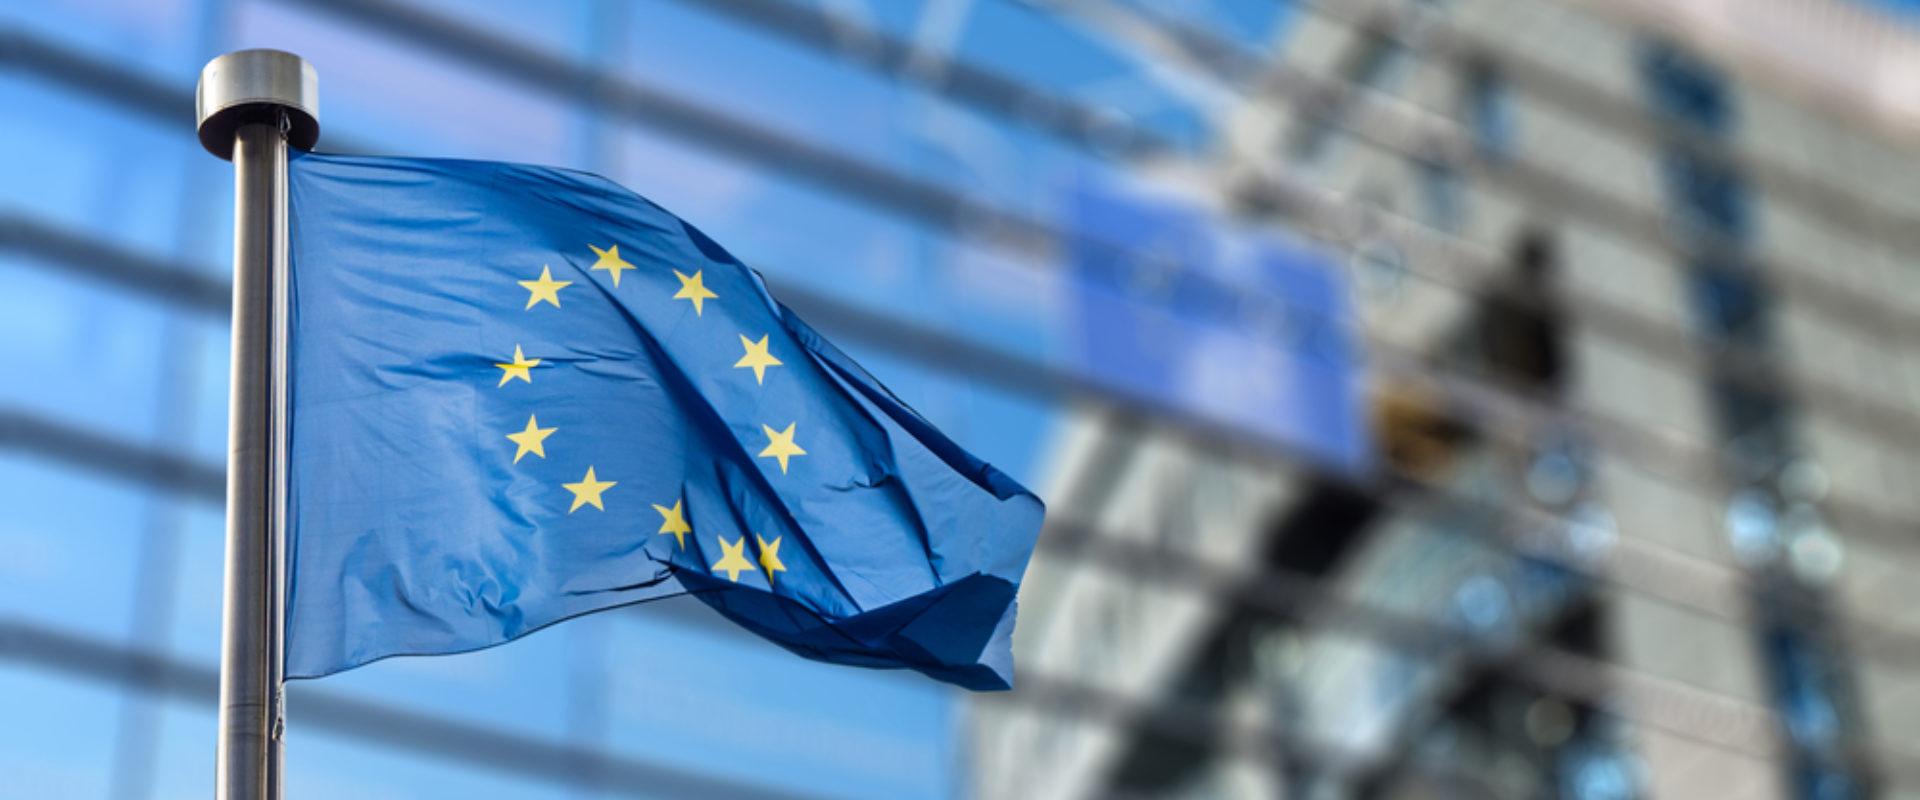 بانک مرکزی اتحادیه اروپا: رمز ارز ها اثر ملموسی روی سیاست پولی ندارند